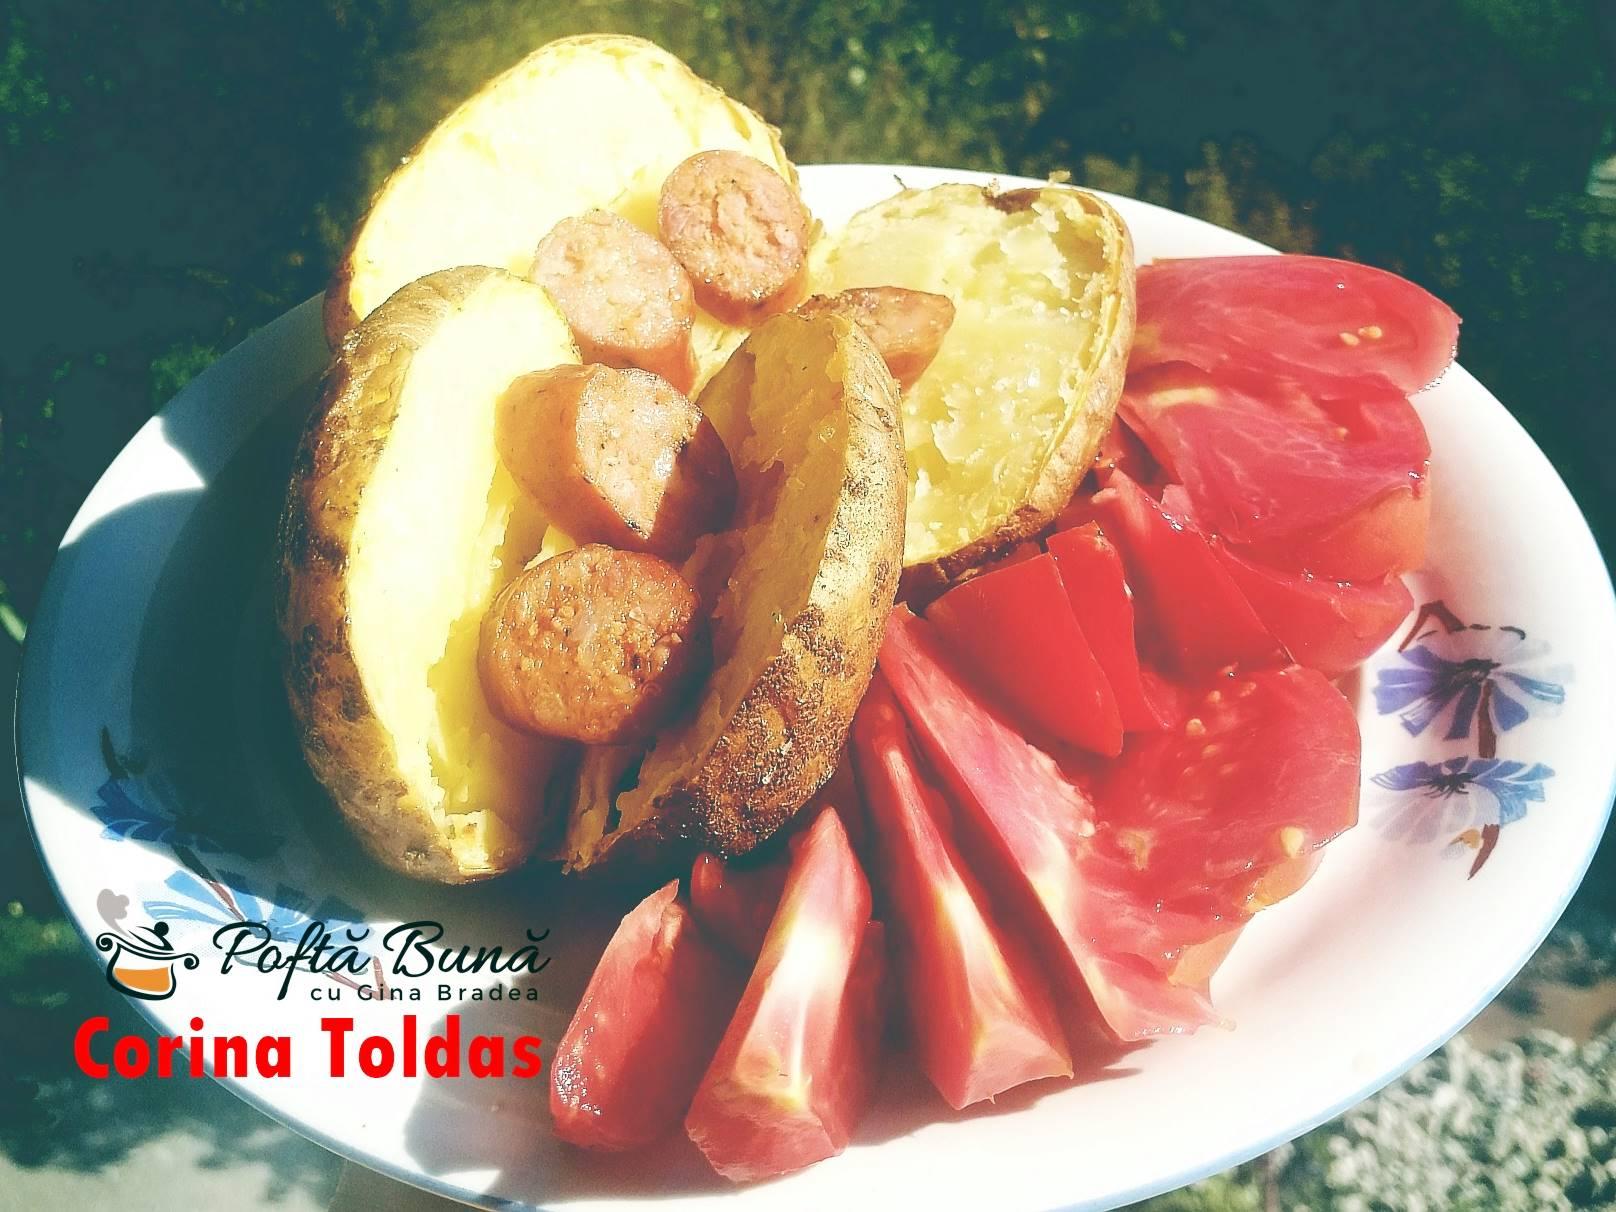 cartofi copti la cuptor reteta simpla rapida - Cartofi copti la cuptor, cu rosii si carnati afumati, reteta simpla